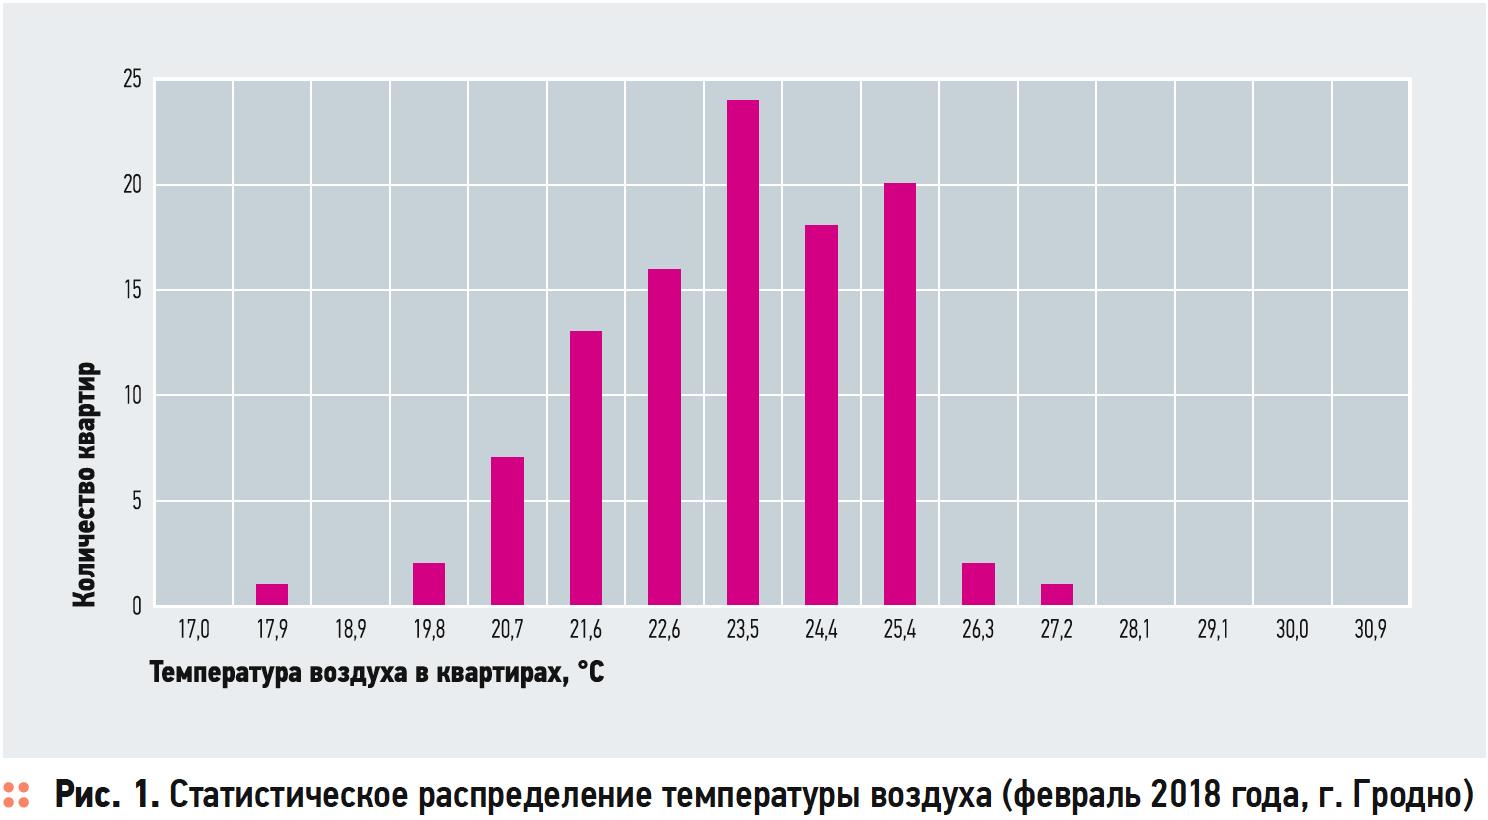 Особенности формирования теплового баланса многоквартирных зданий на начальной стадии эксплуатации. 12/2019. Фото 1